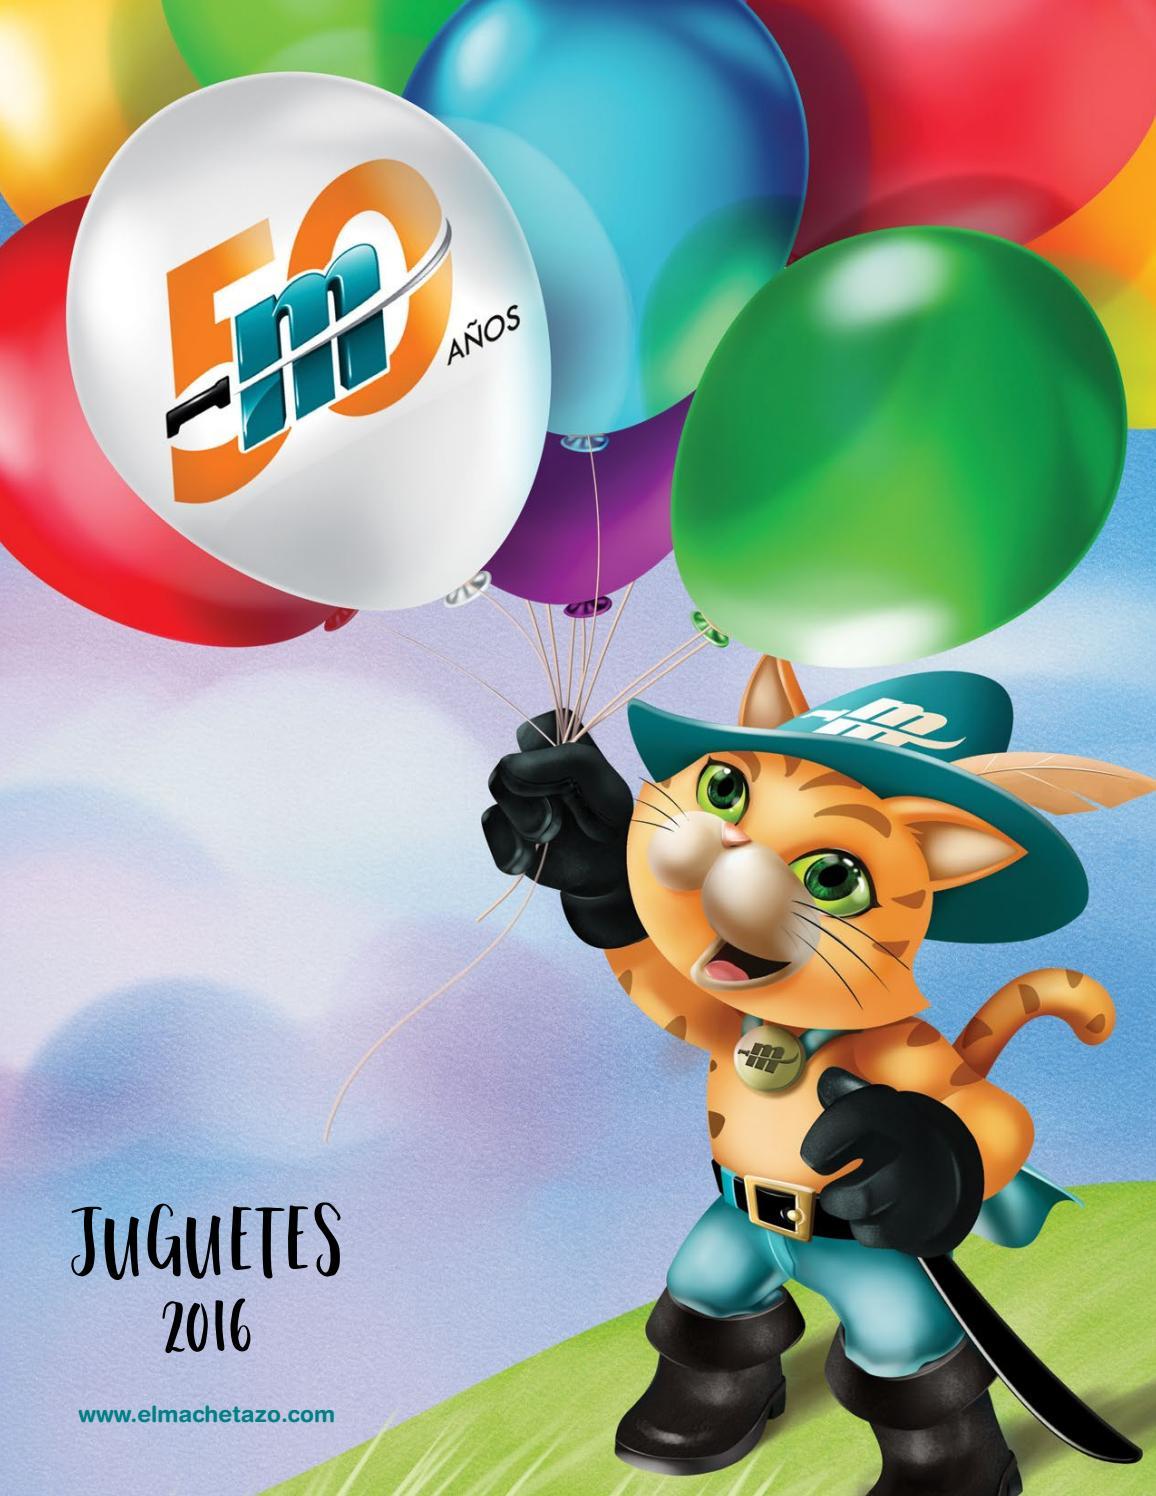 Catálogo de Juguetes 2016 by El Machetazo - issuu